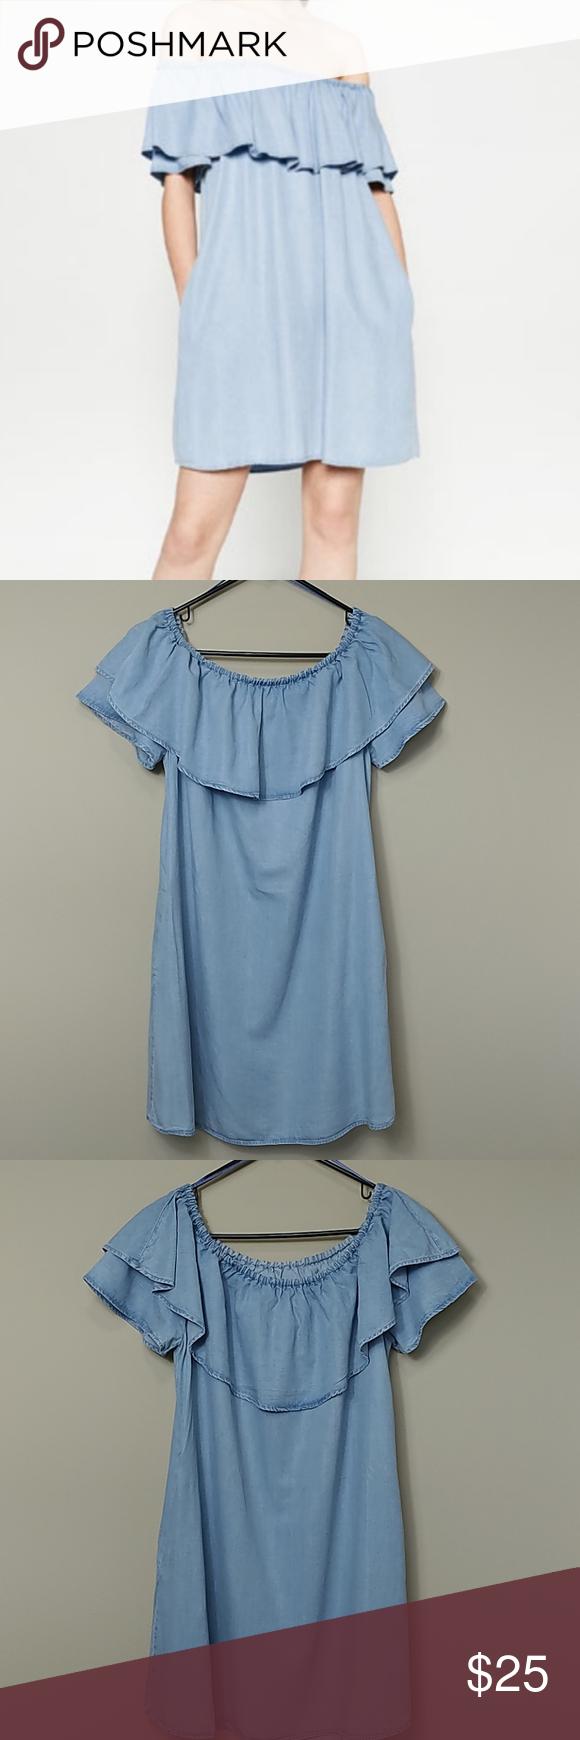 Zara Blue Chambray Ruffle Denim Dress M Zara Chambray Blue Off The Shoulder Denim Dress This Is A Zara Premium Denim Ruffle Dress Denim Dress Clothes Design [ 1740 x 580 Pixel ]